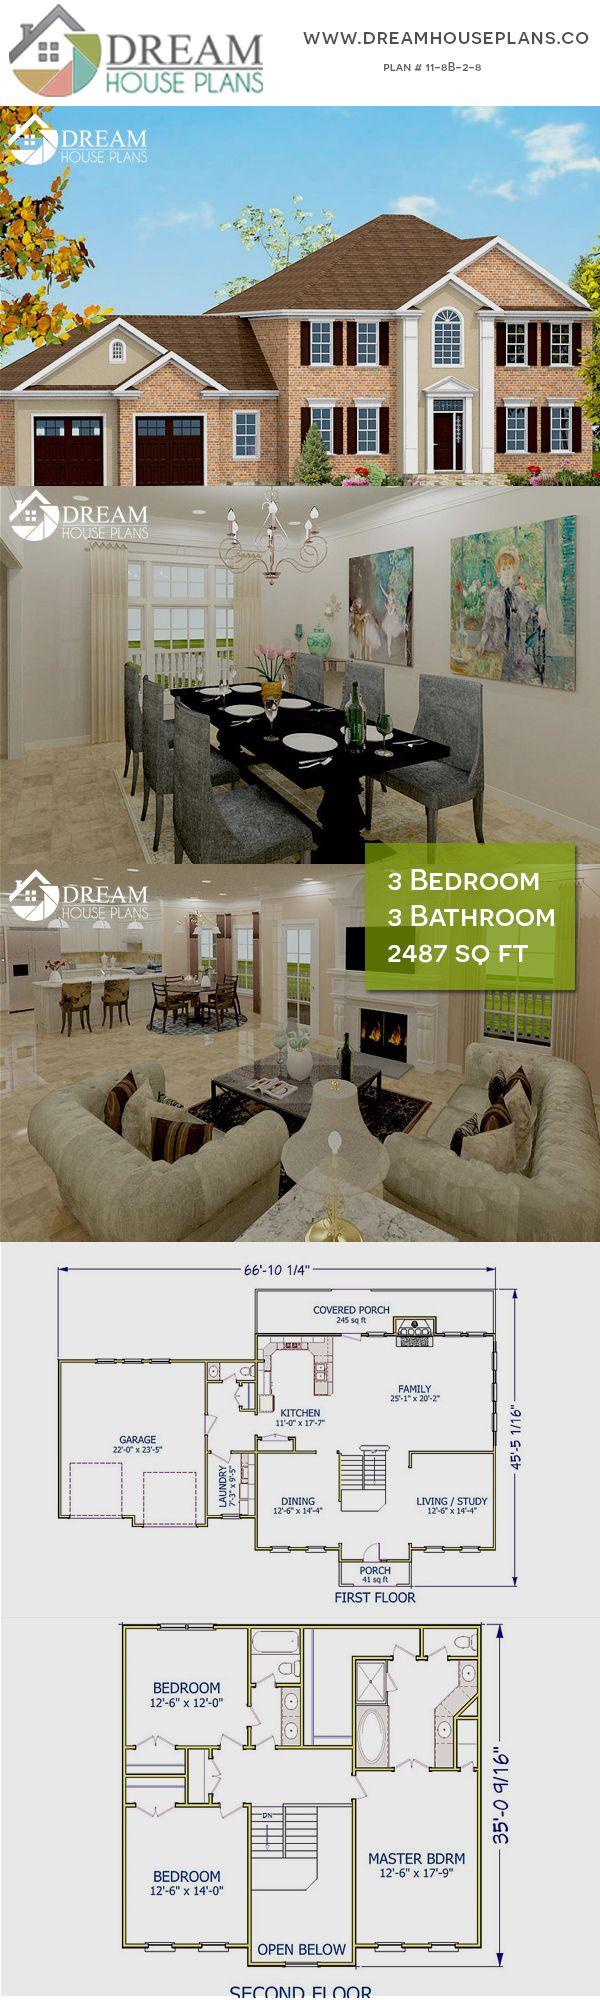 3 Bedroom 3 Bathroom 2487 Sq Ft 11 8b 2 8 Porch